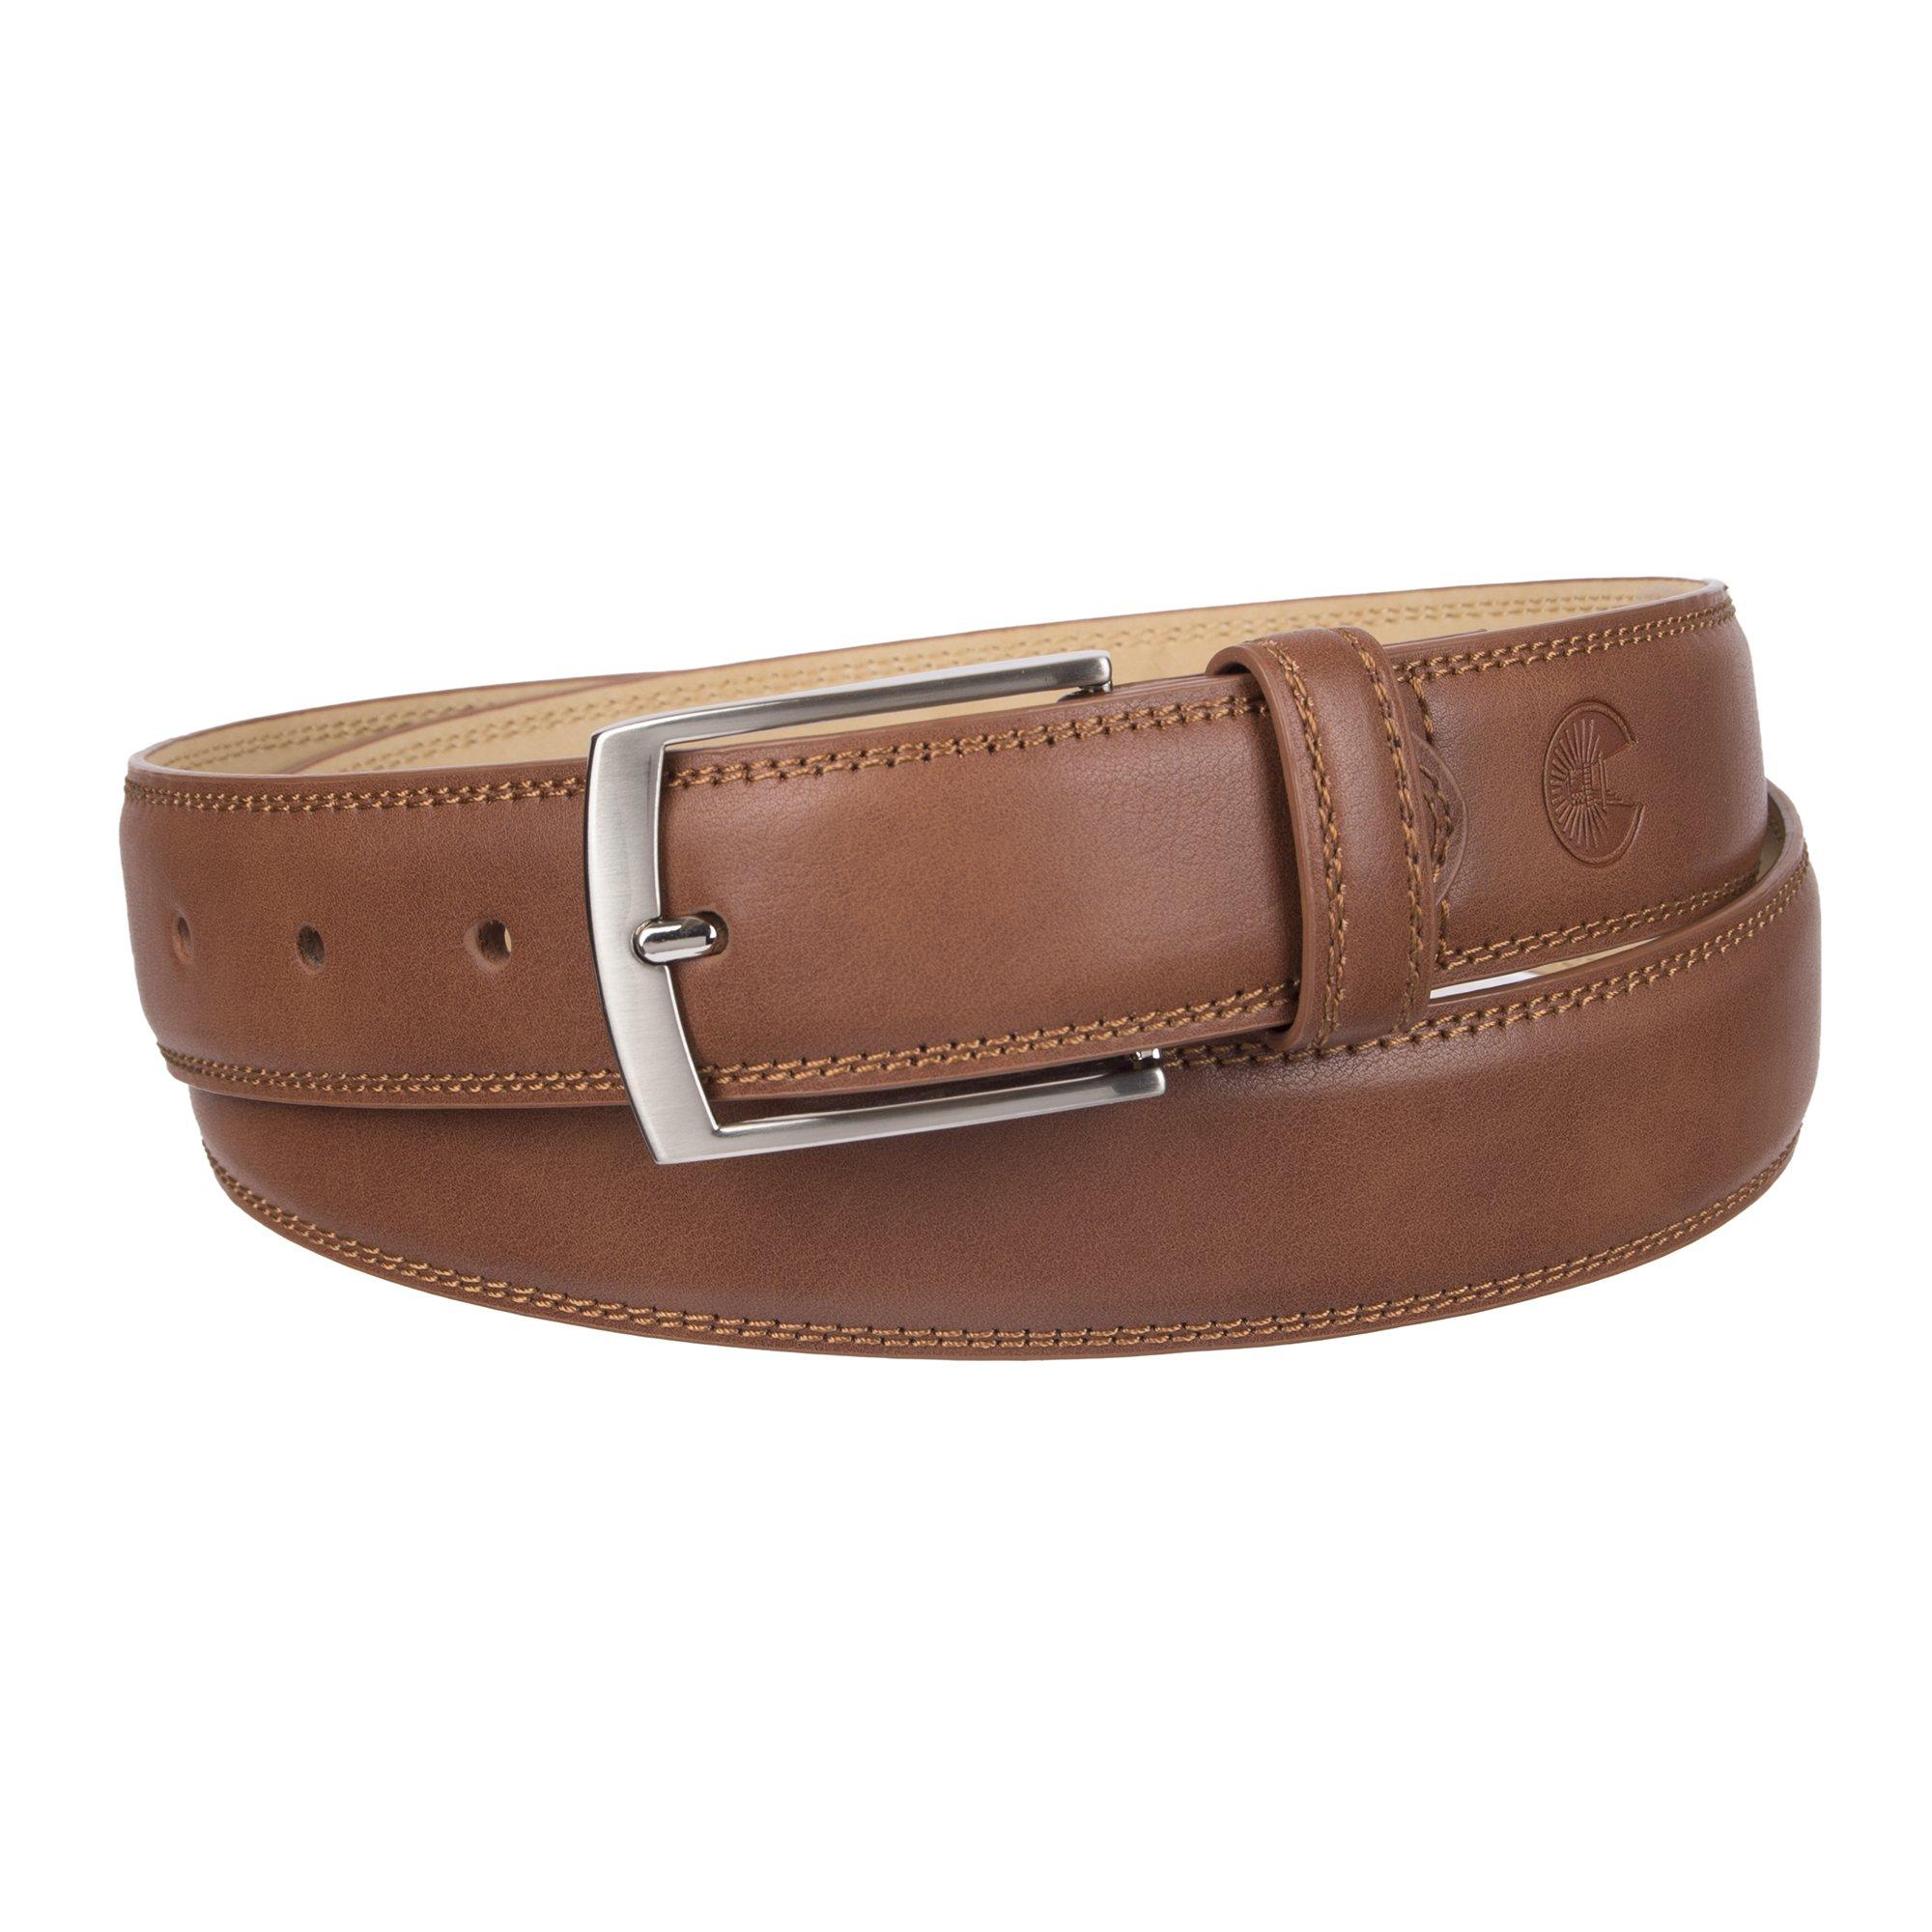 Weatherproof Men's Belt with Single Prong Buckle, Cognac/Silver Buckle, 38